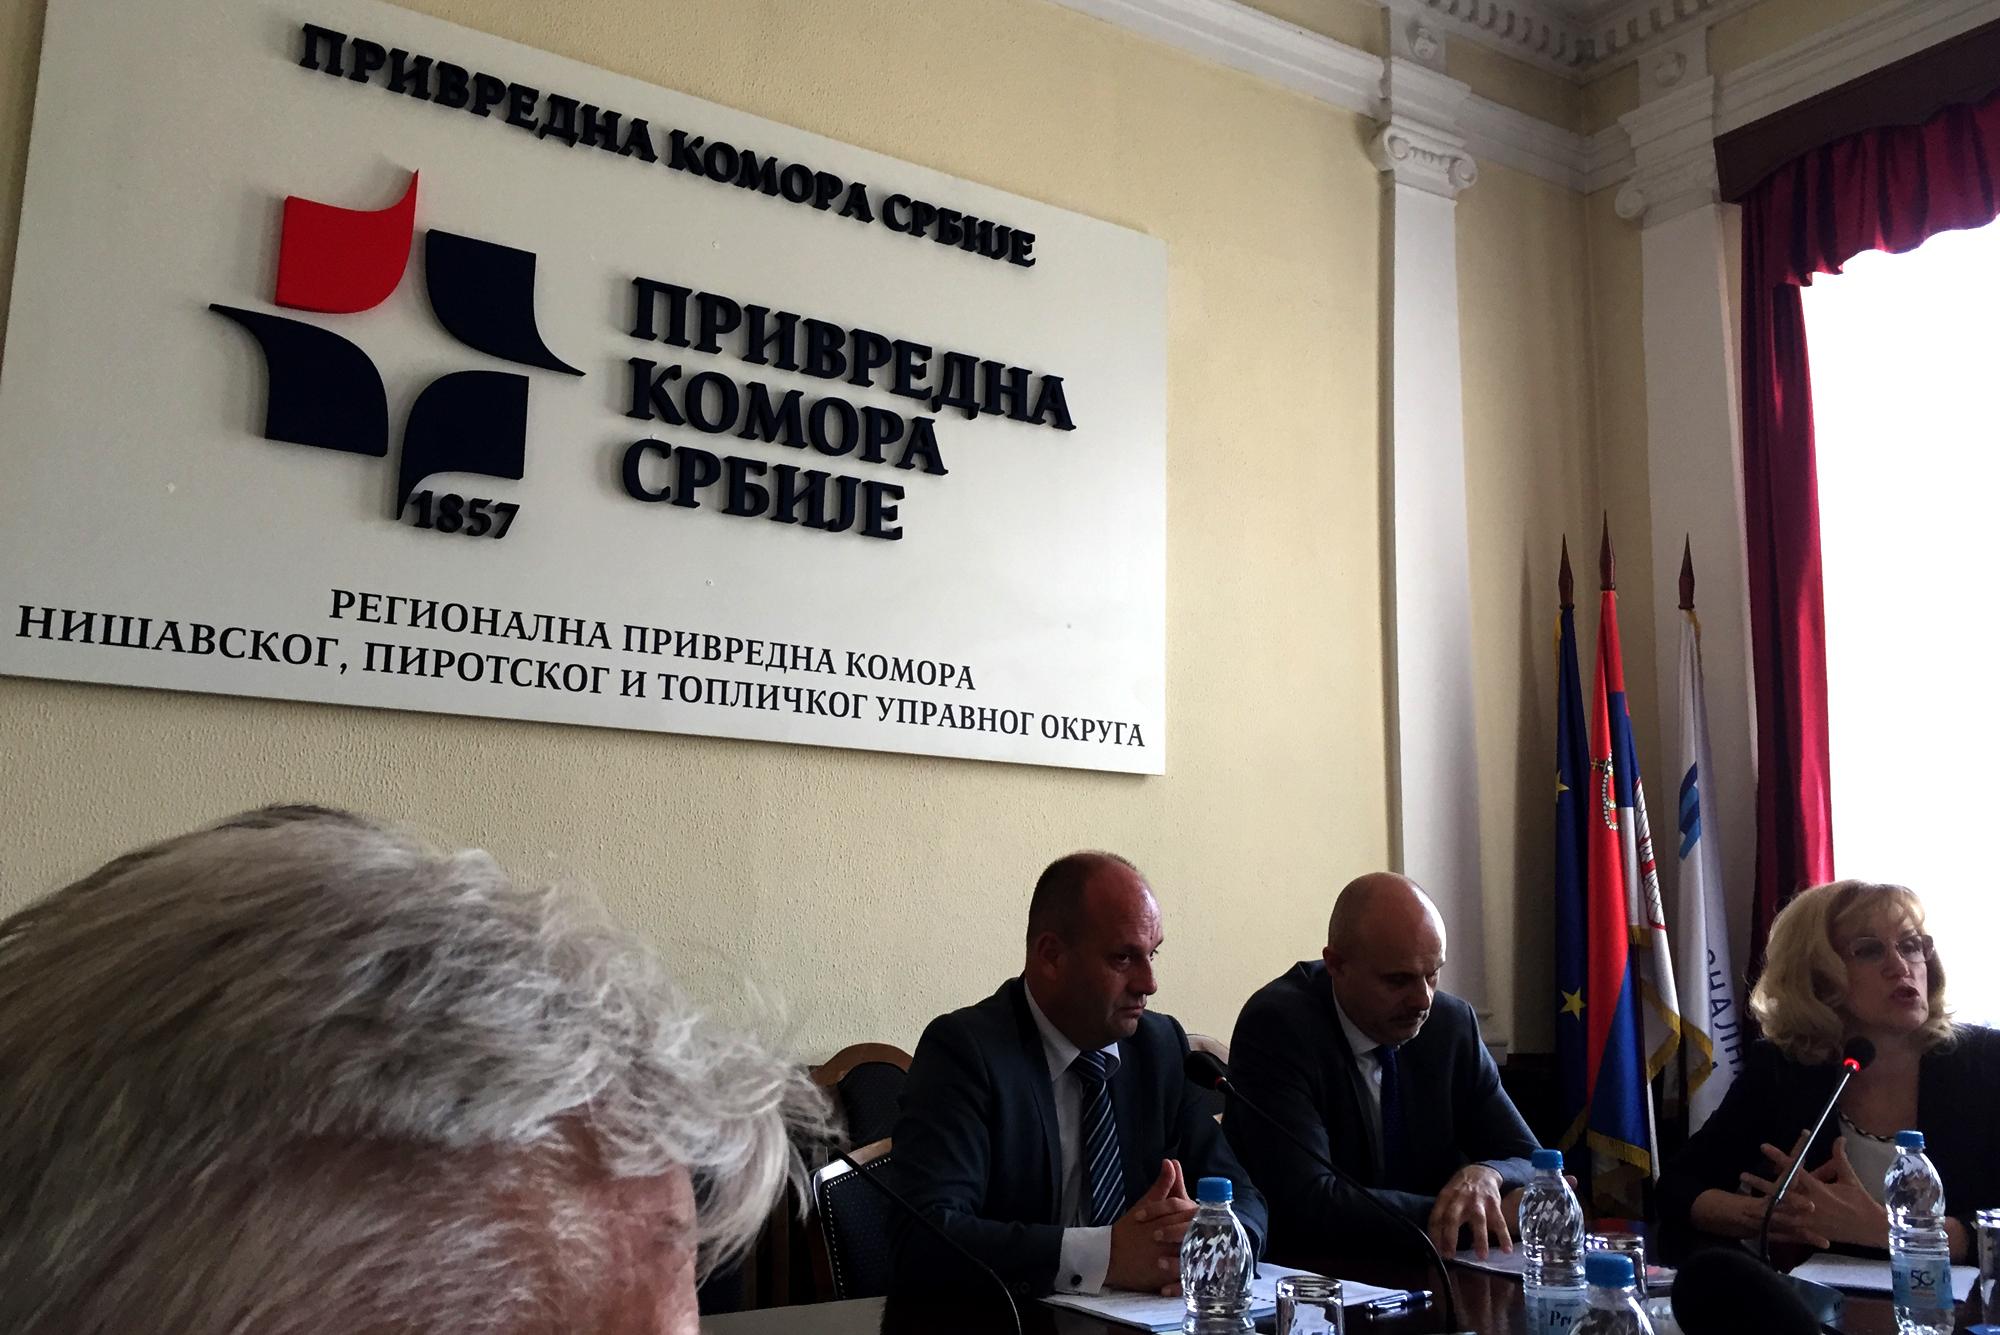 Konstitutivna sednica Parlamenta privrednika Regionalne privredne komore Nišavskog, Pirotskog i Topličkog upravnog okruga